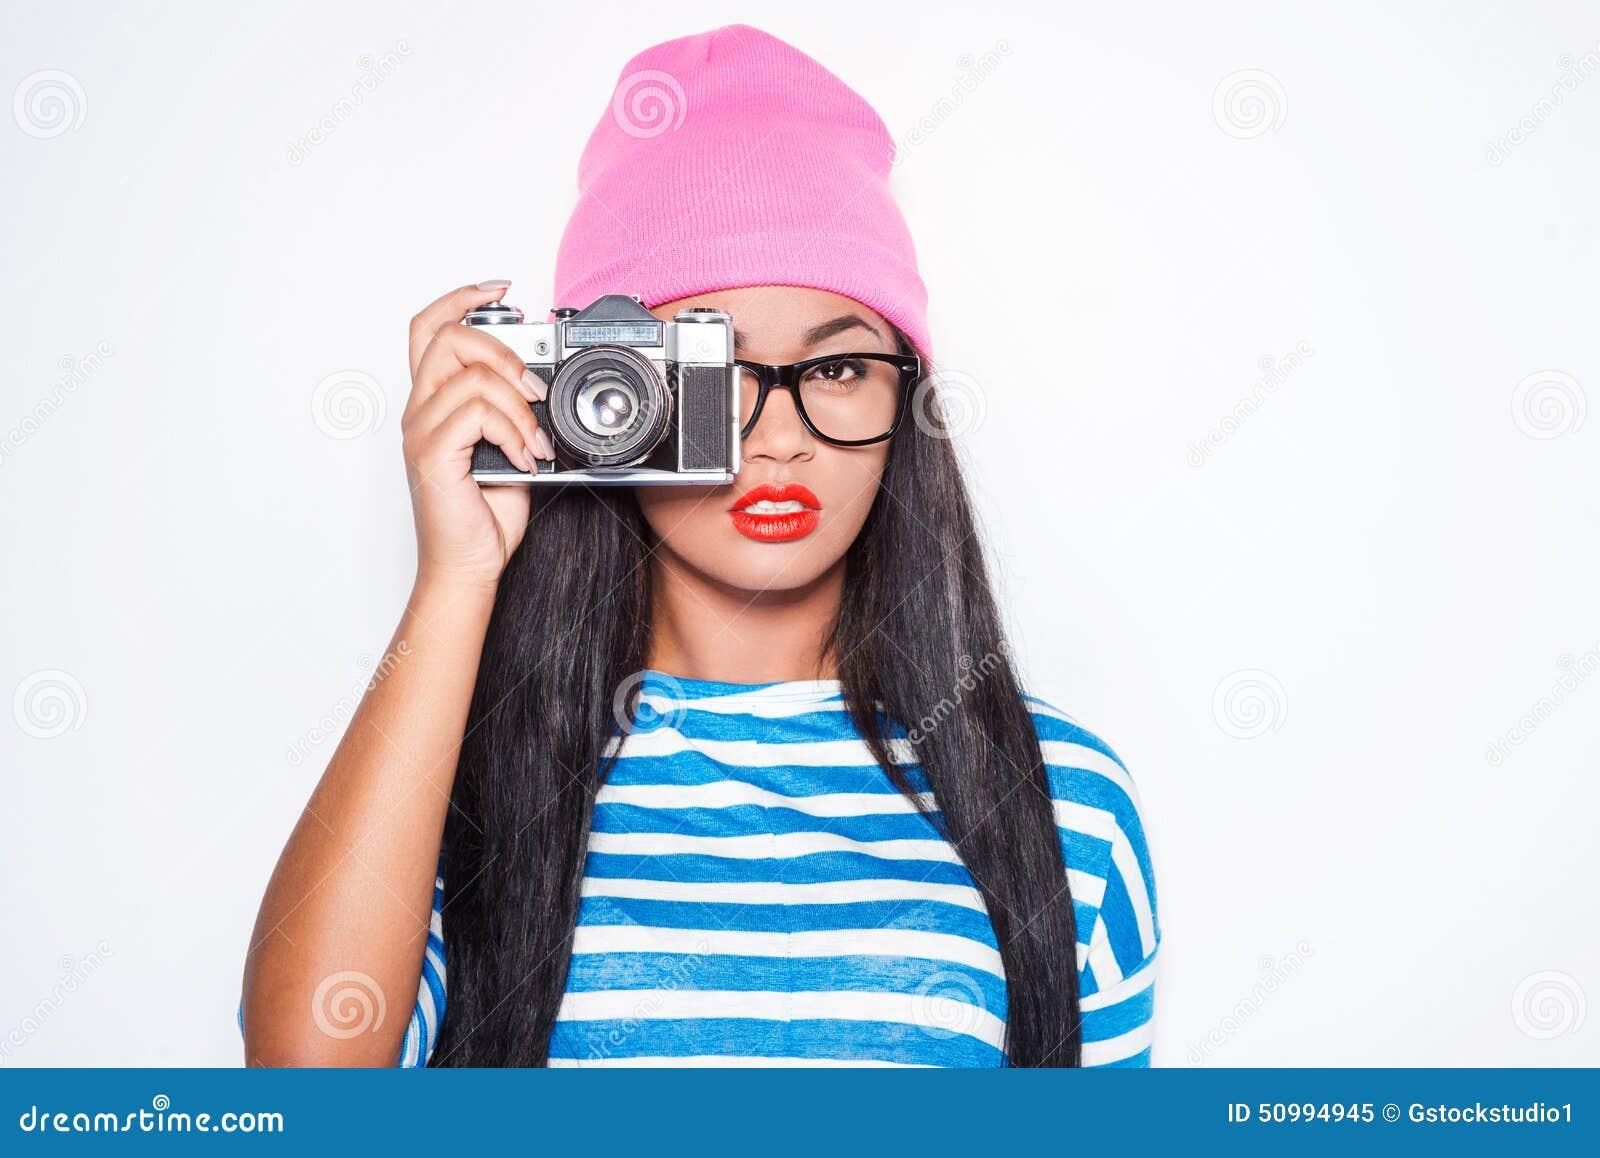 Фокусировать фото